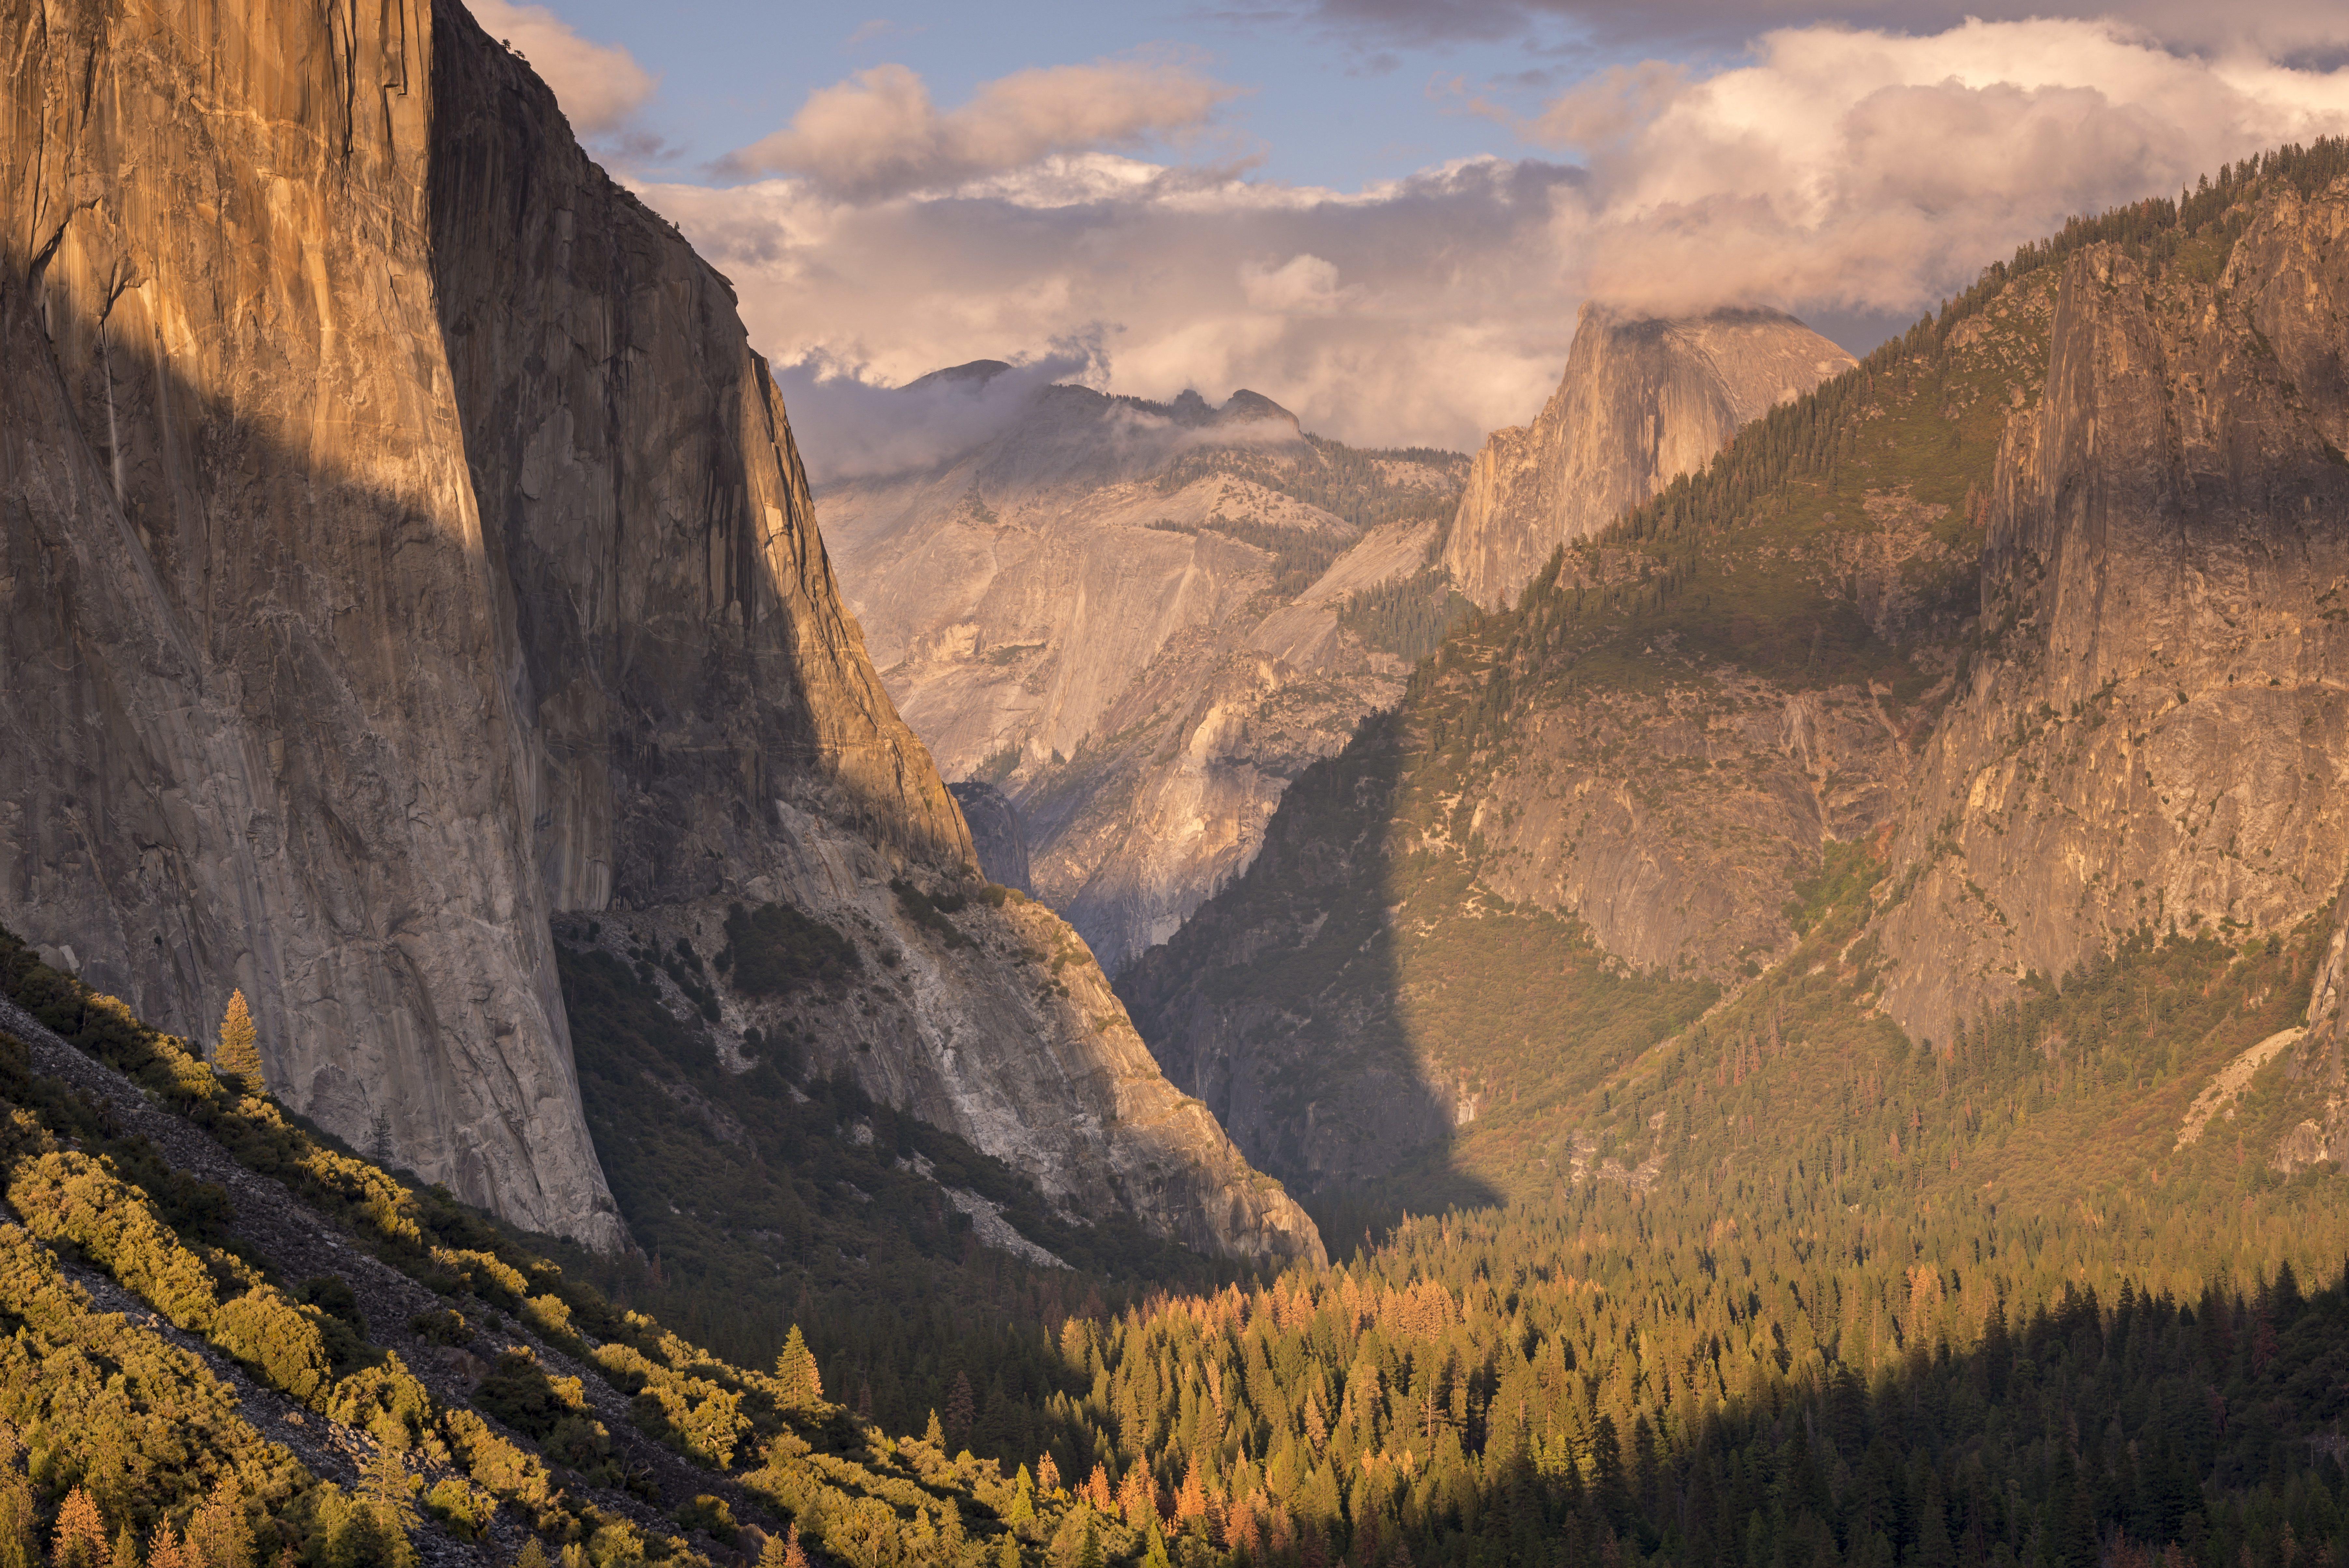 Klettersteig Yosemite : El capitan: neuer speed rekord an der nose